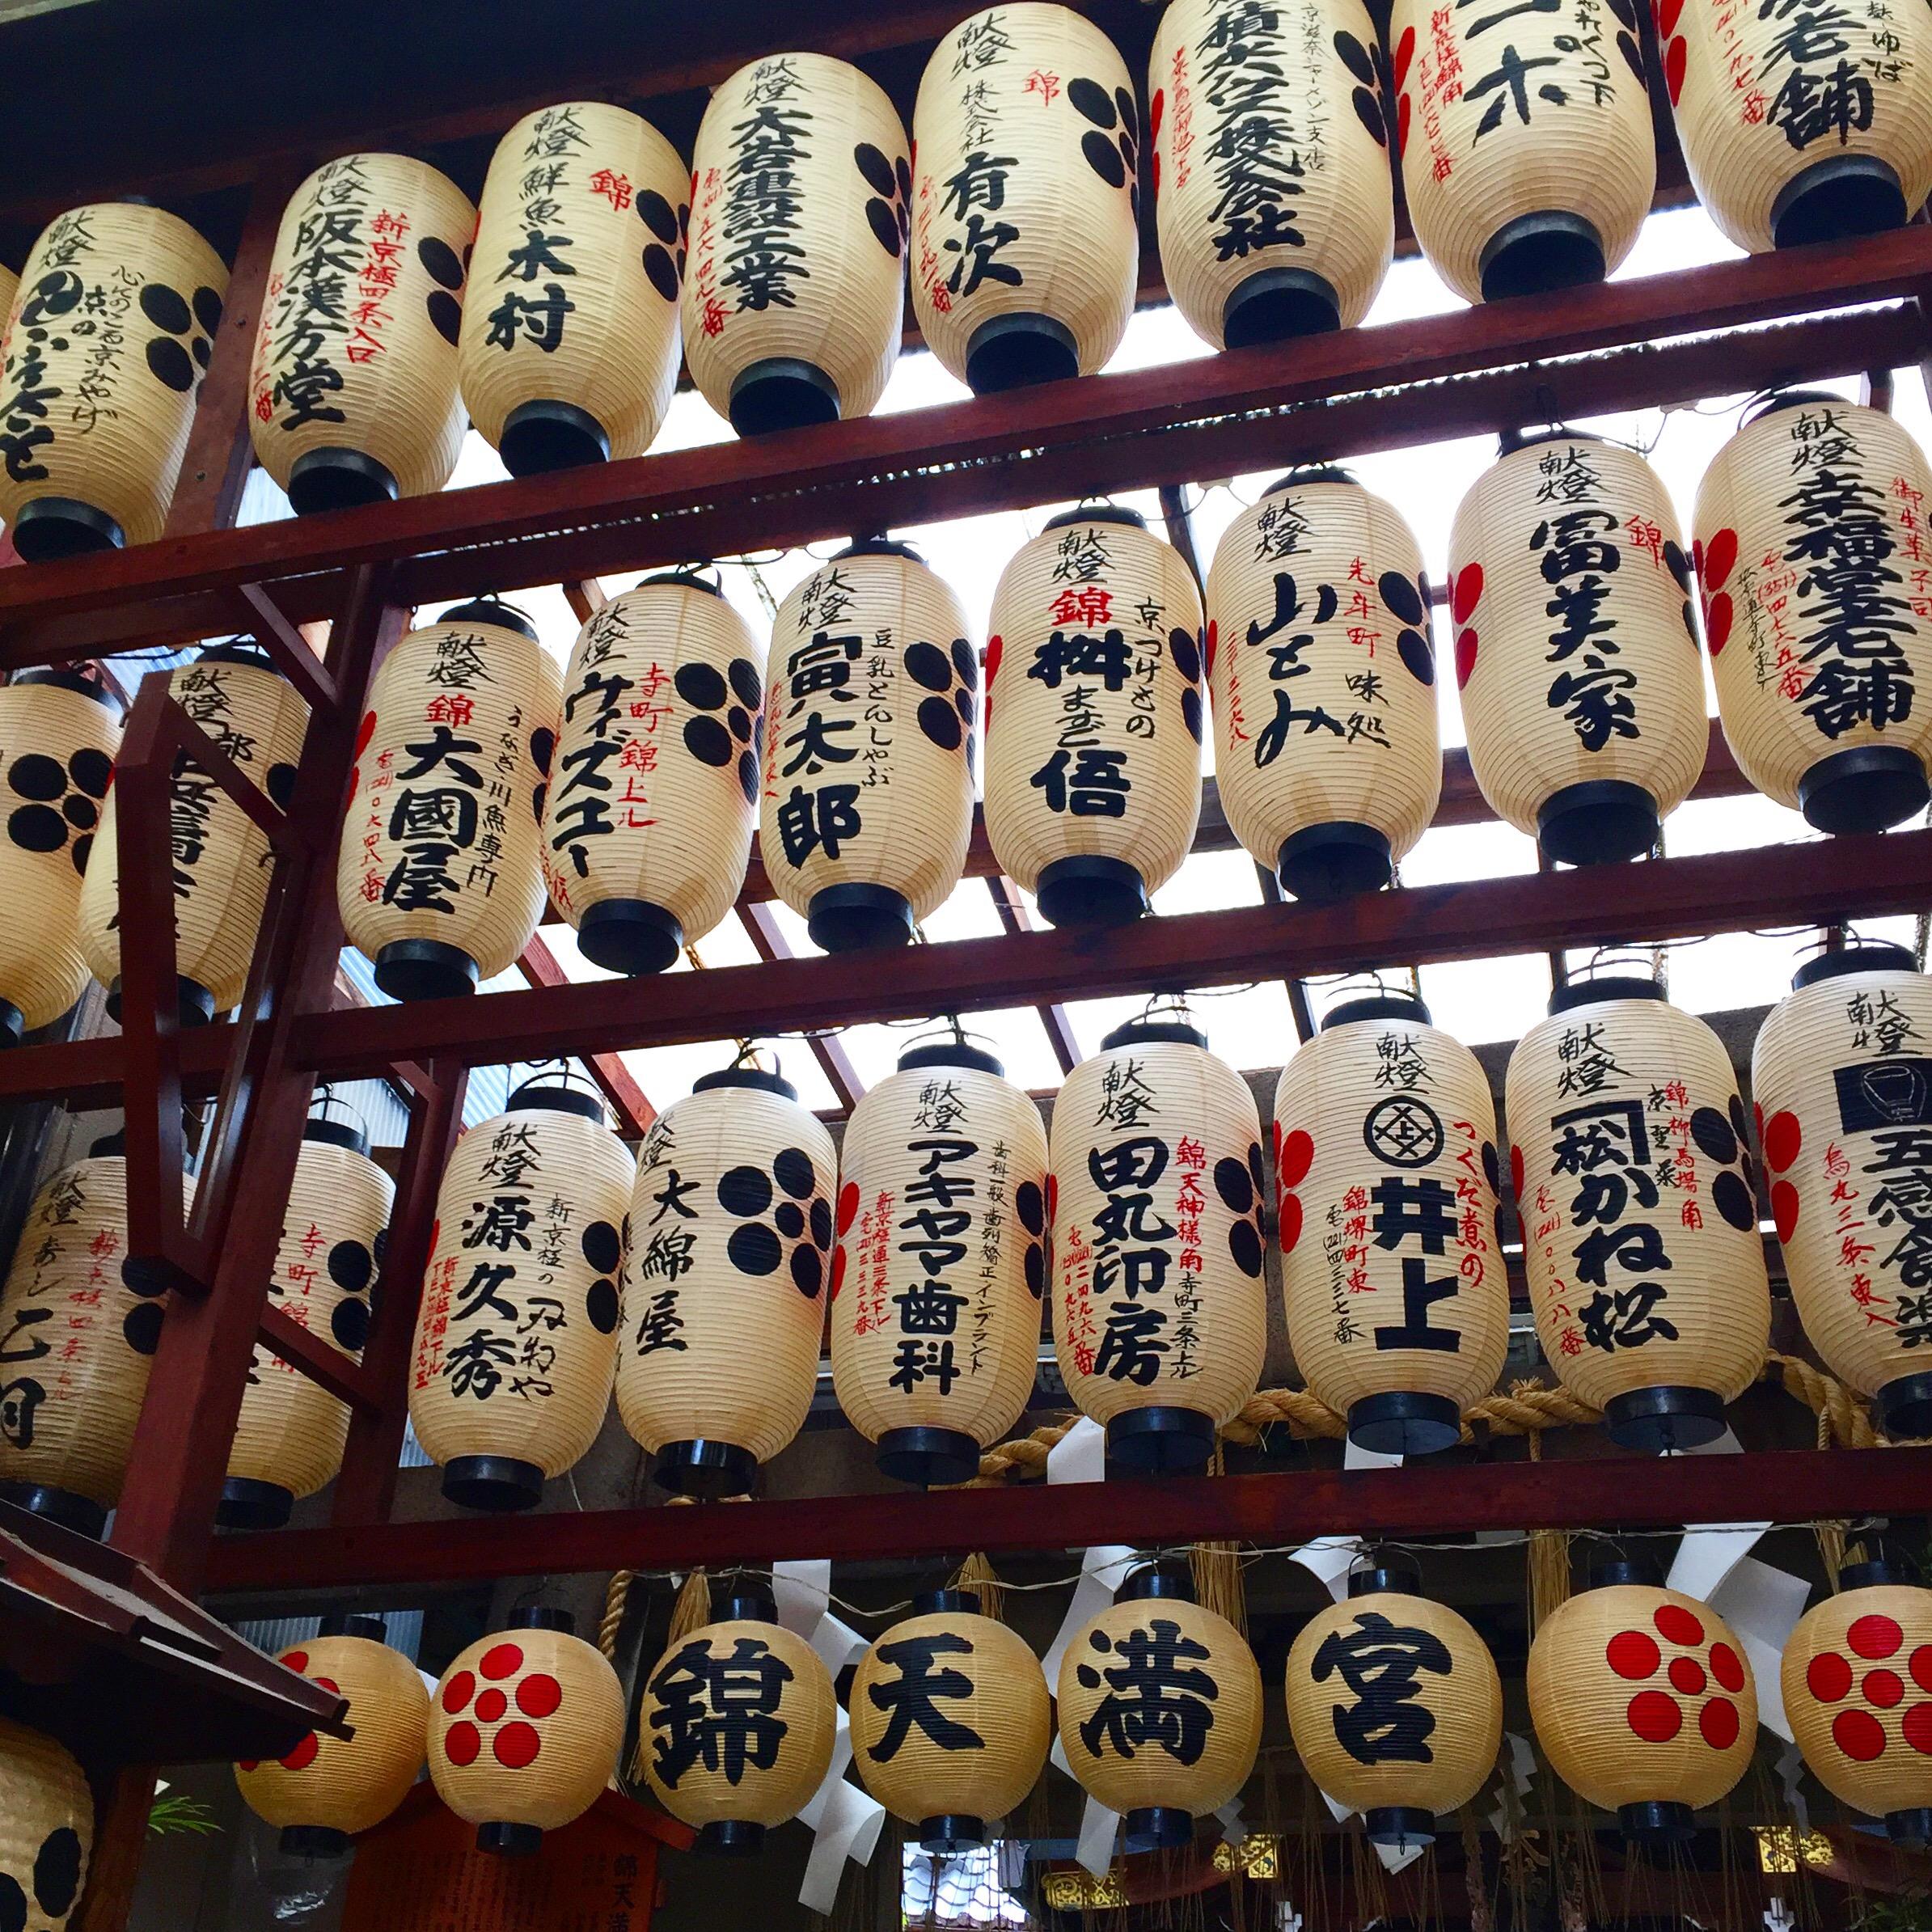 京都の錦天満宮の提灯